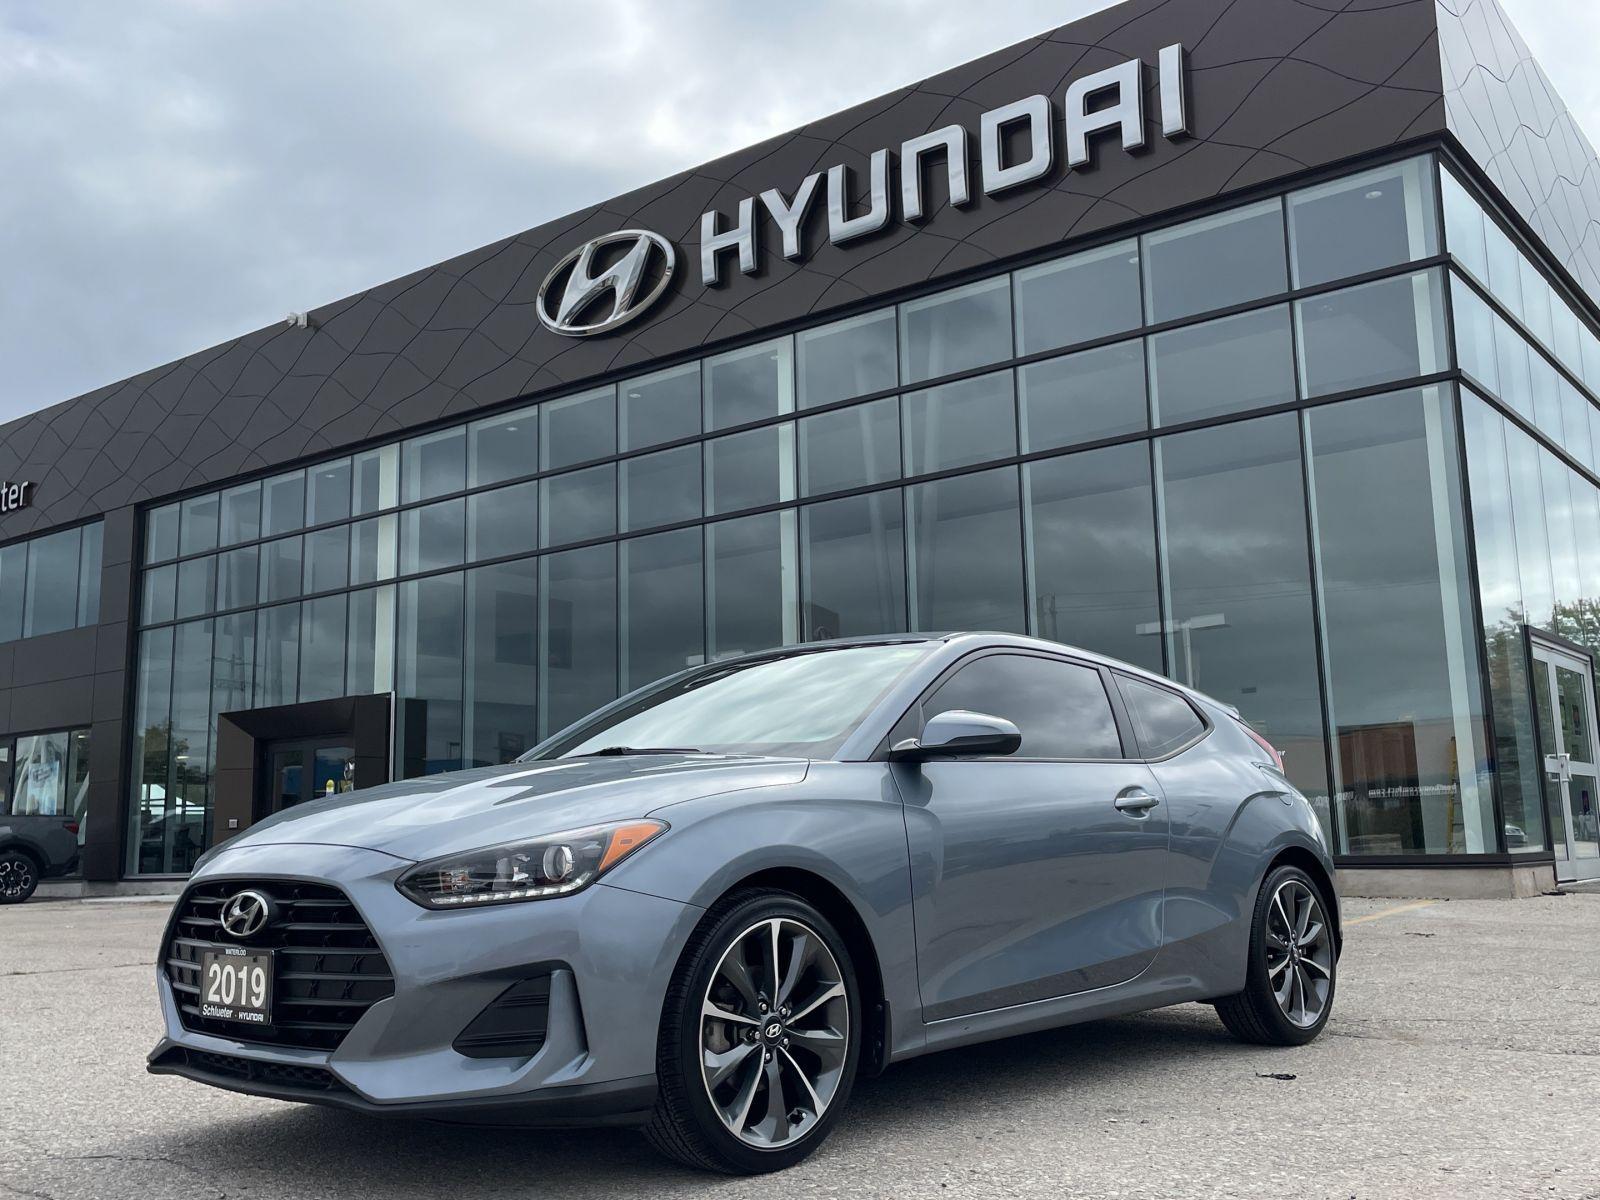 2019 Hyundai Veloster Image